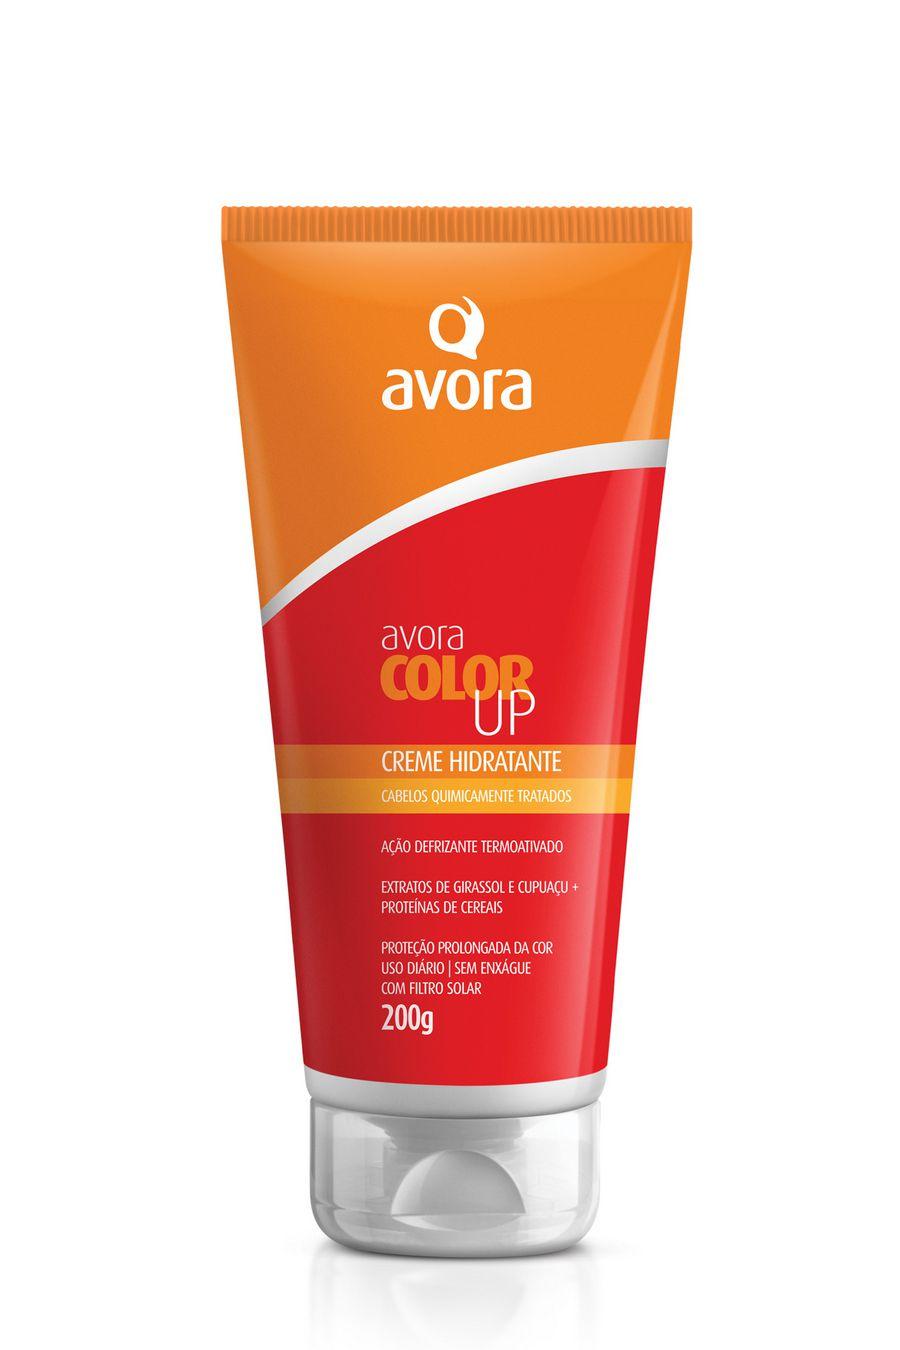 Avora Color Up Creme Hidratante Cabelos Quimicamente Tratados 200g